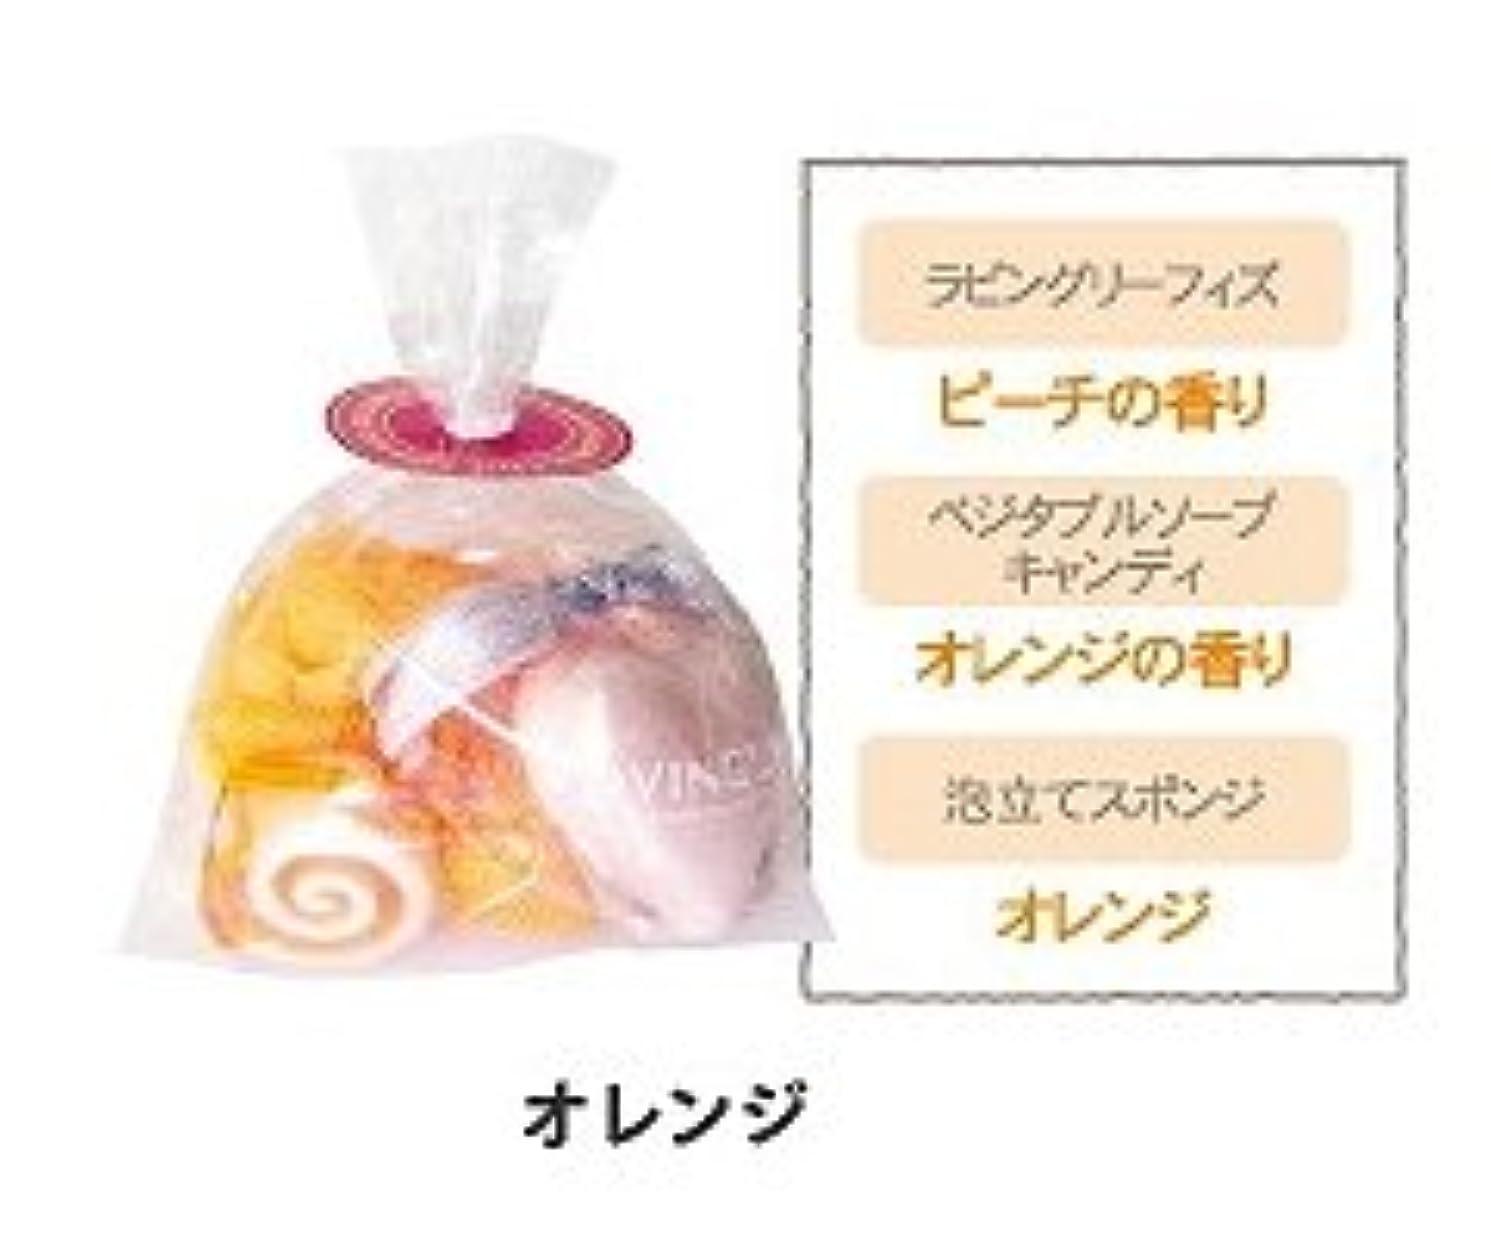 みがきますセイはさておき誠意カラフルキャンディ バスバッグ オレンジ 12個セット